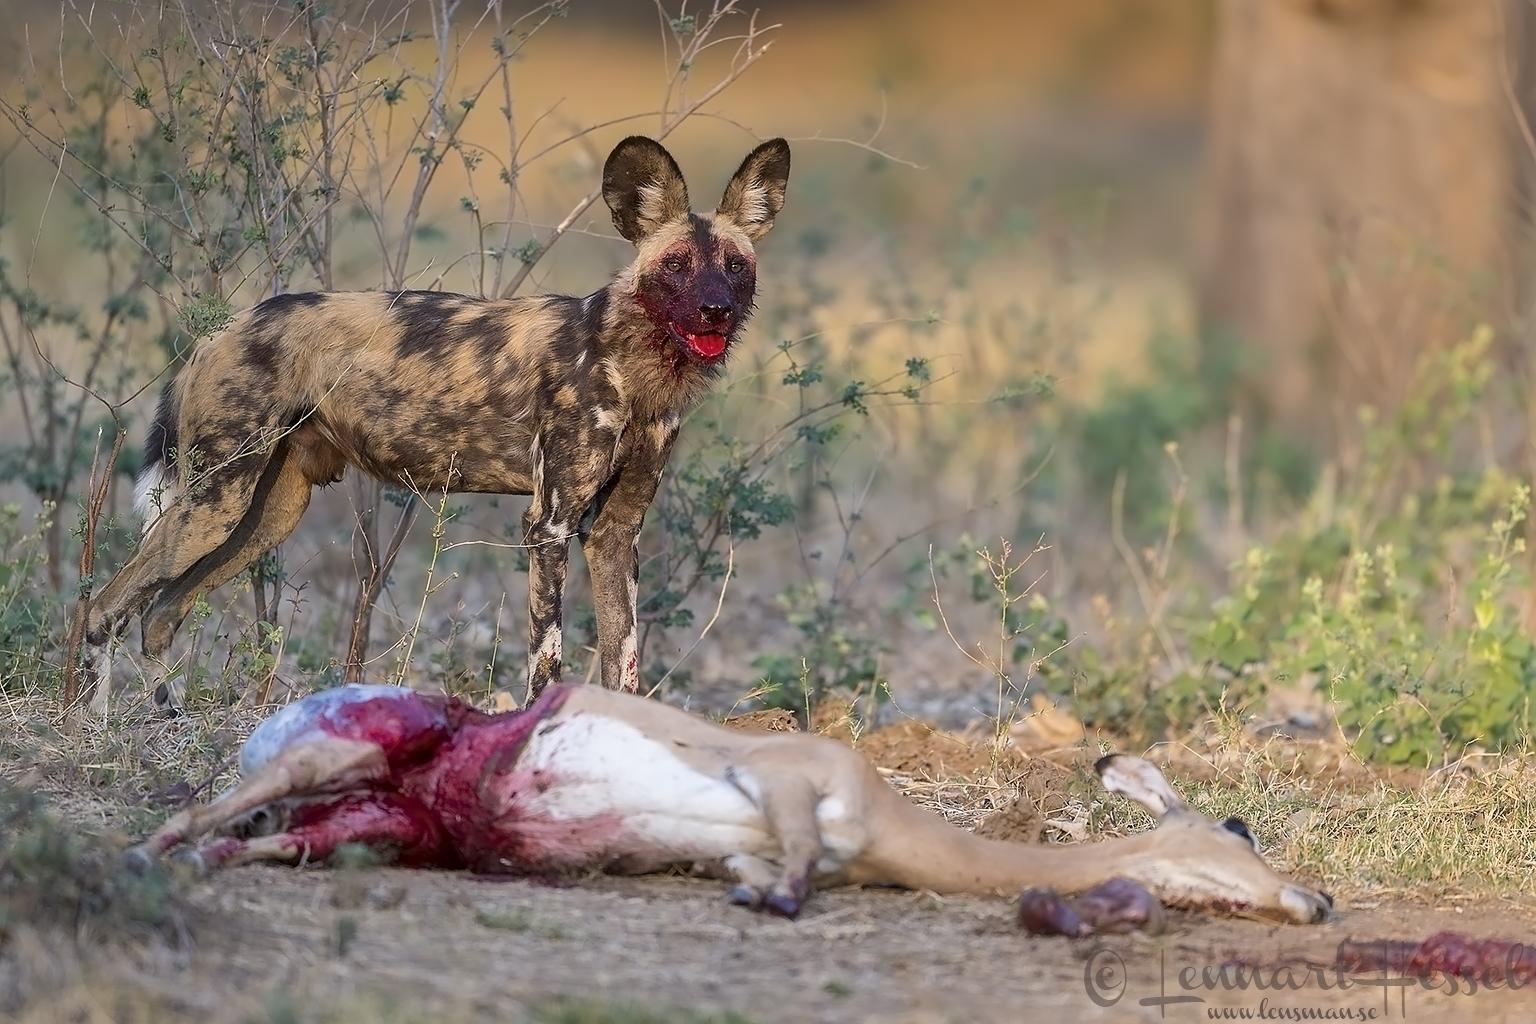 Painted Dog at kill hunt Mana Pools National Park